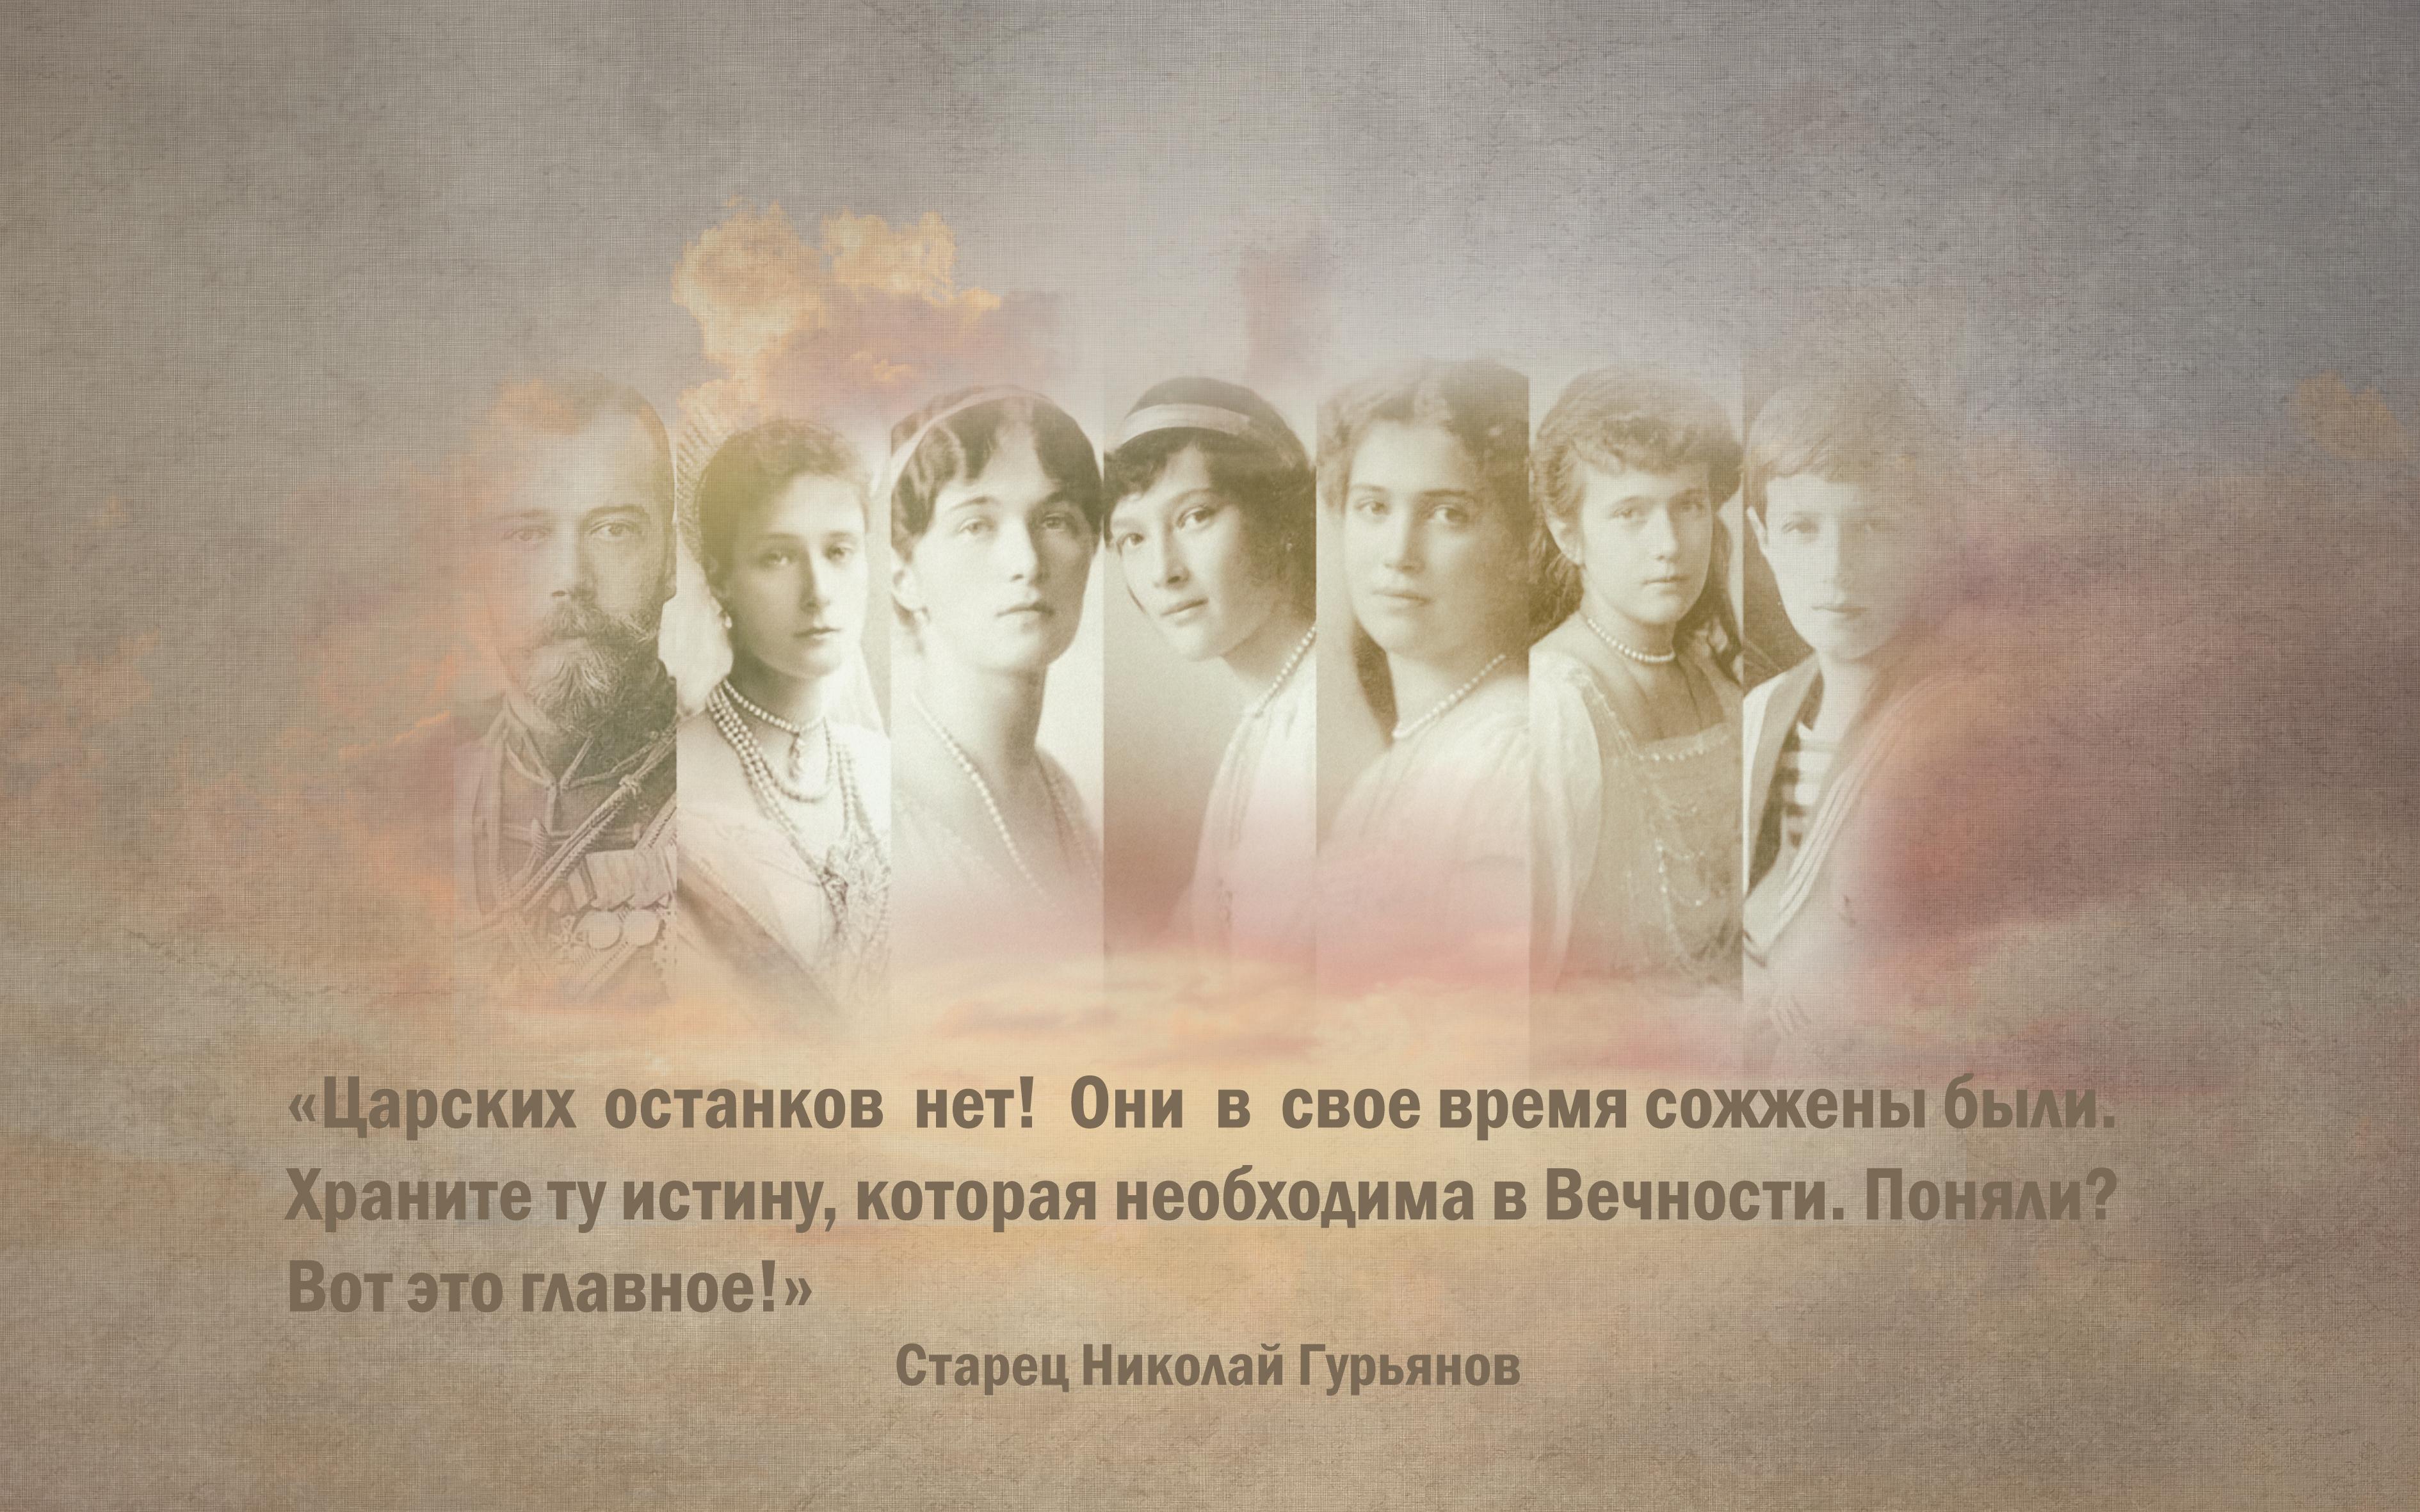 кто убил николая 2 и его семью